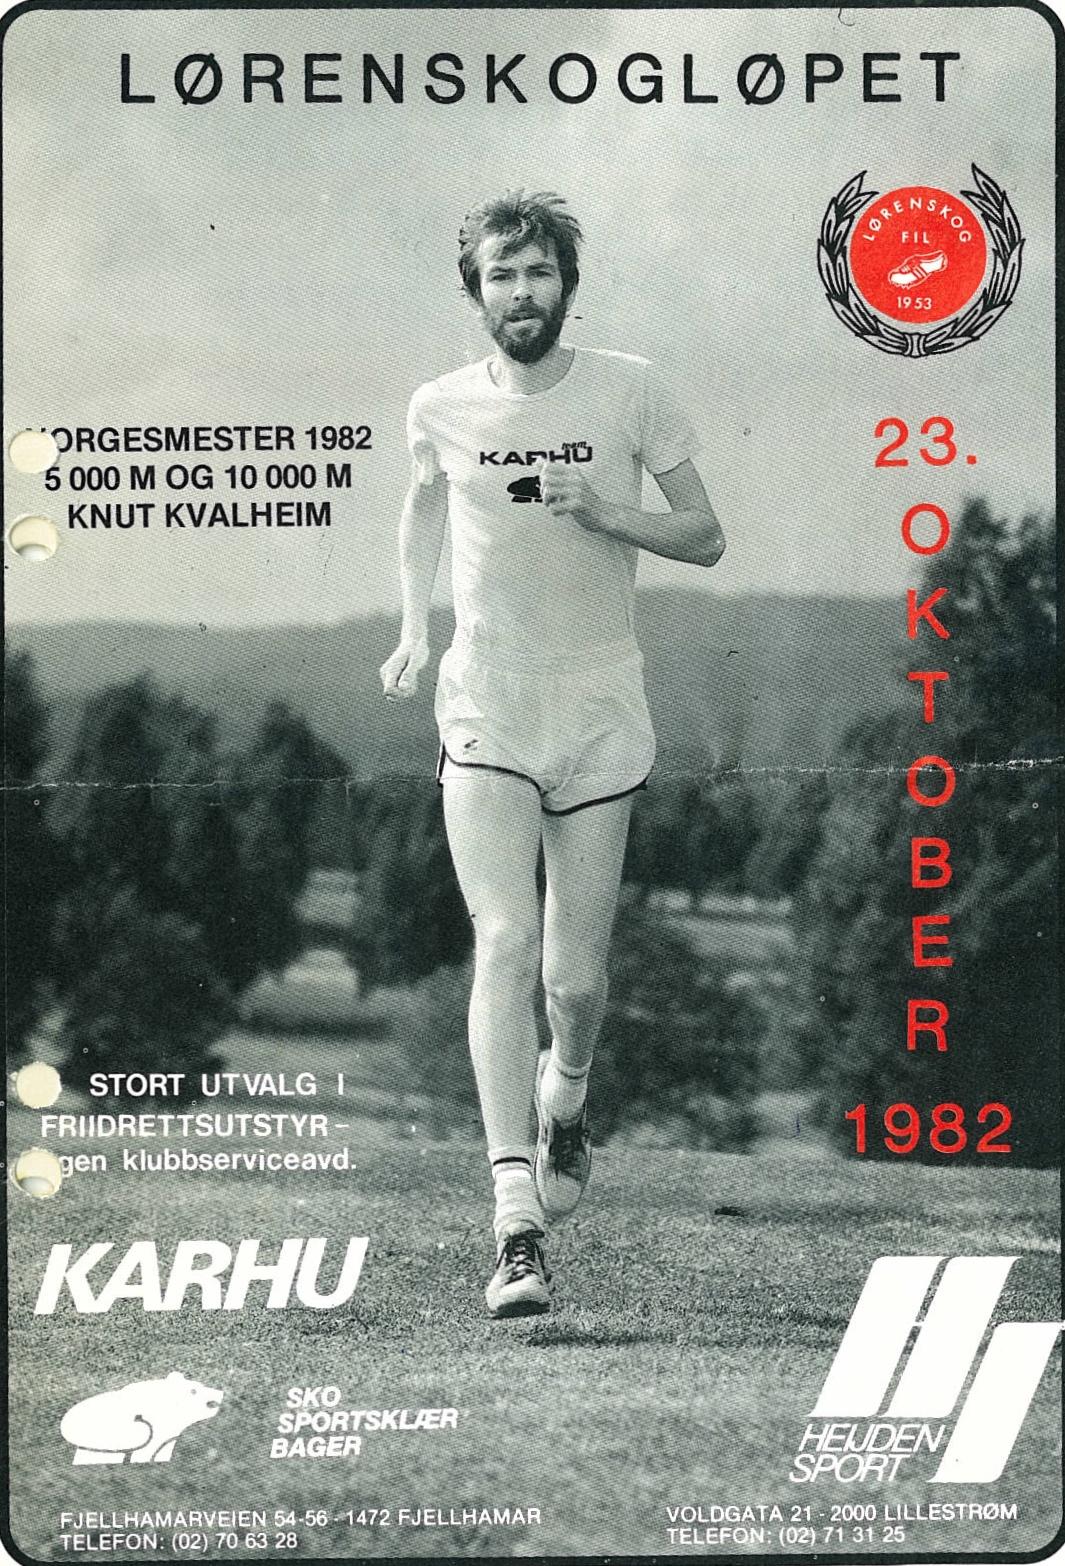 Progra_1982_KNut_Kvalheim.jpg